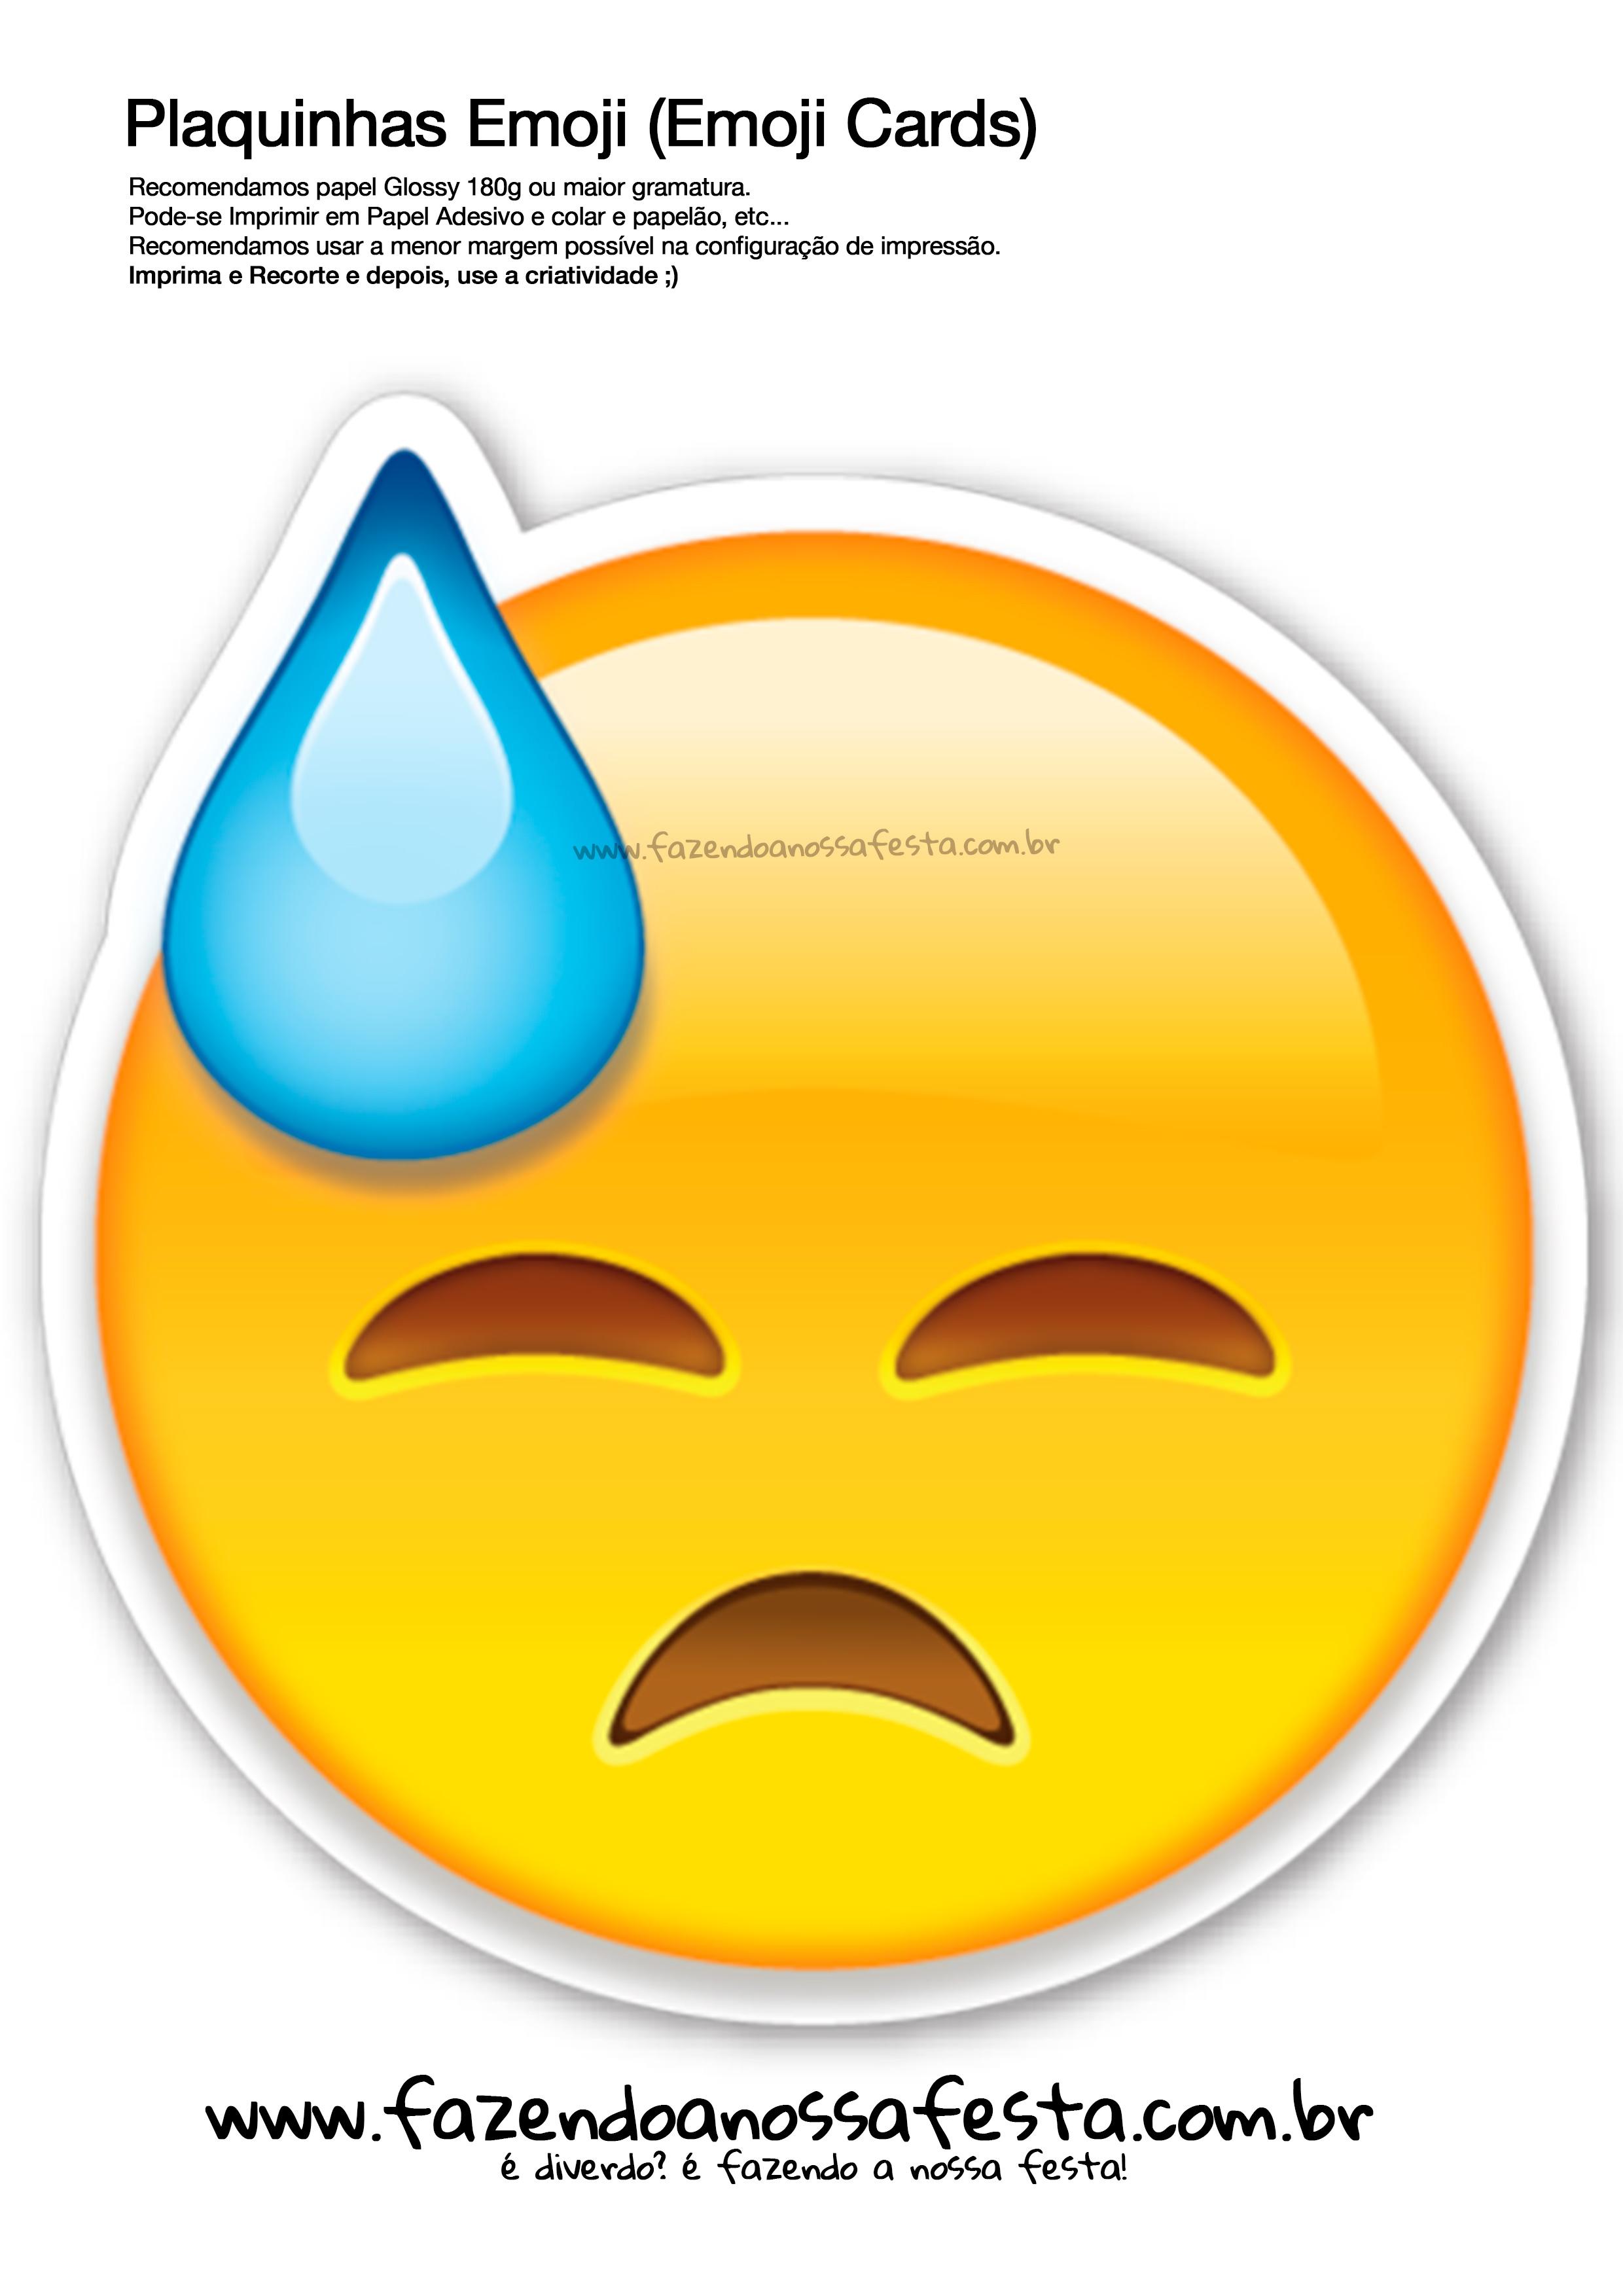 how to use facebokk emojis